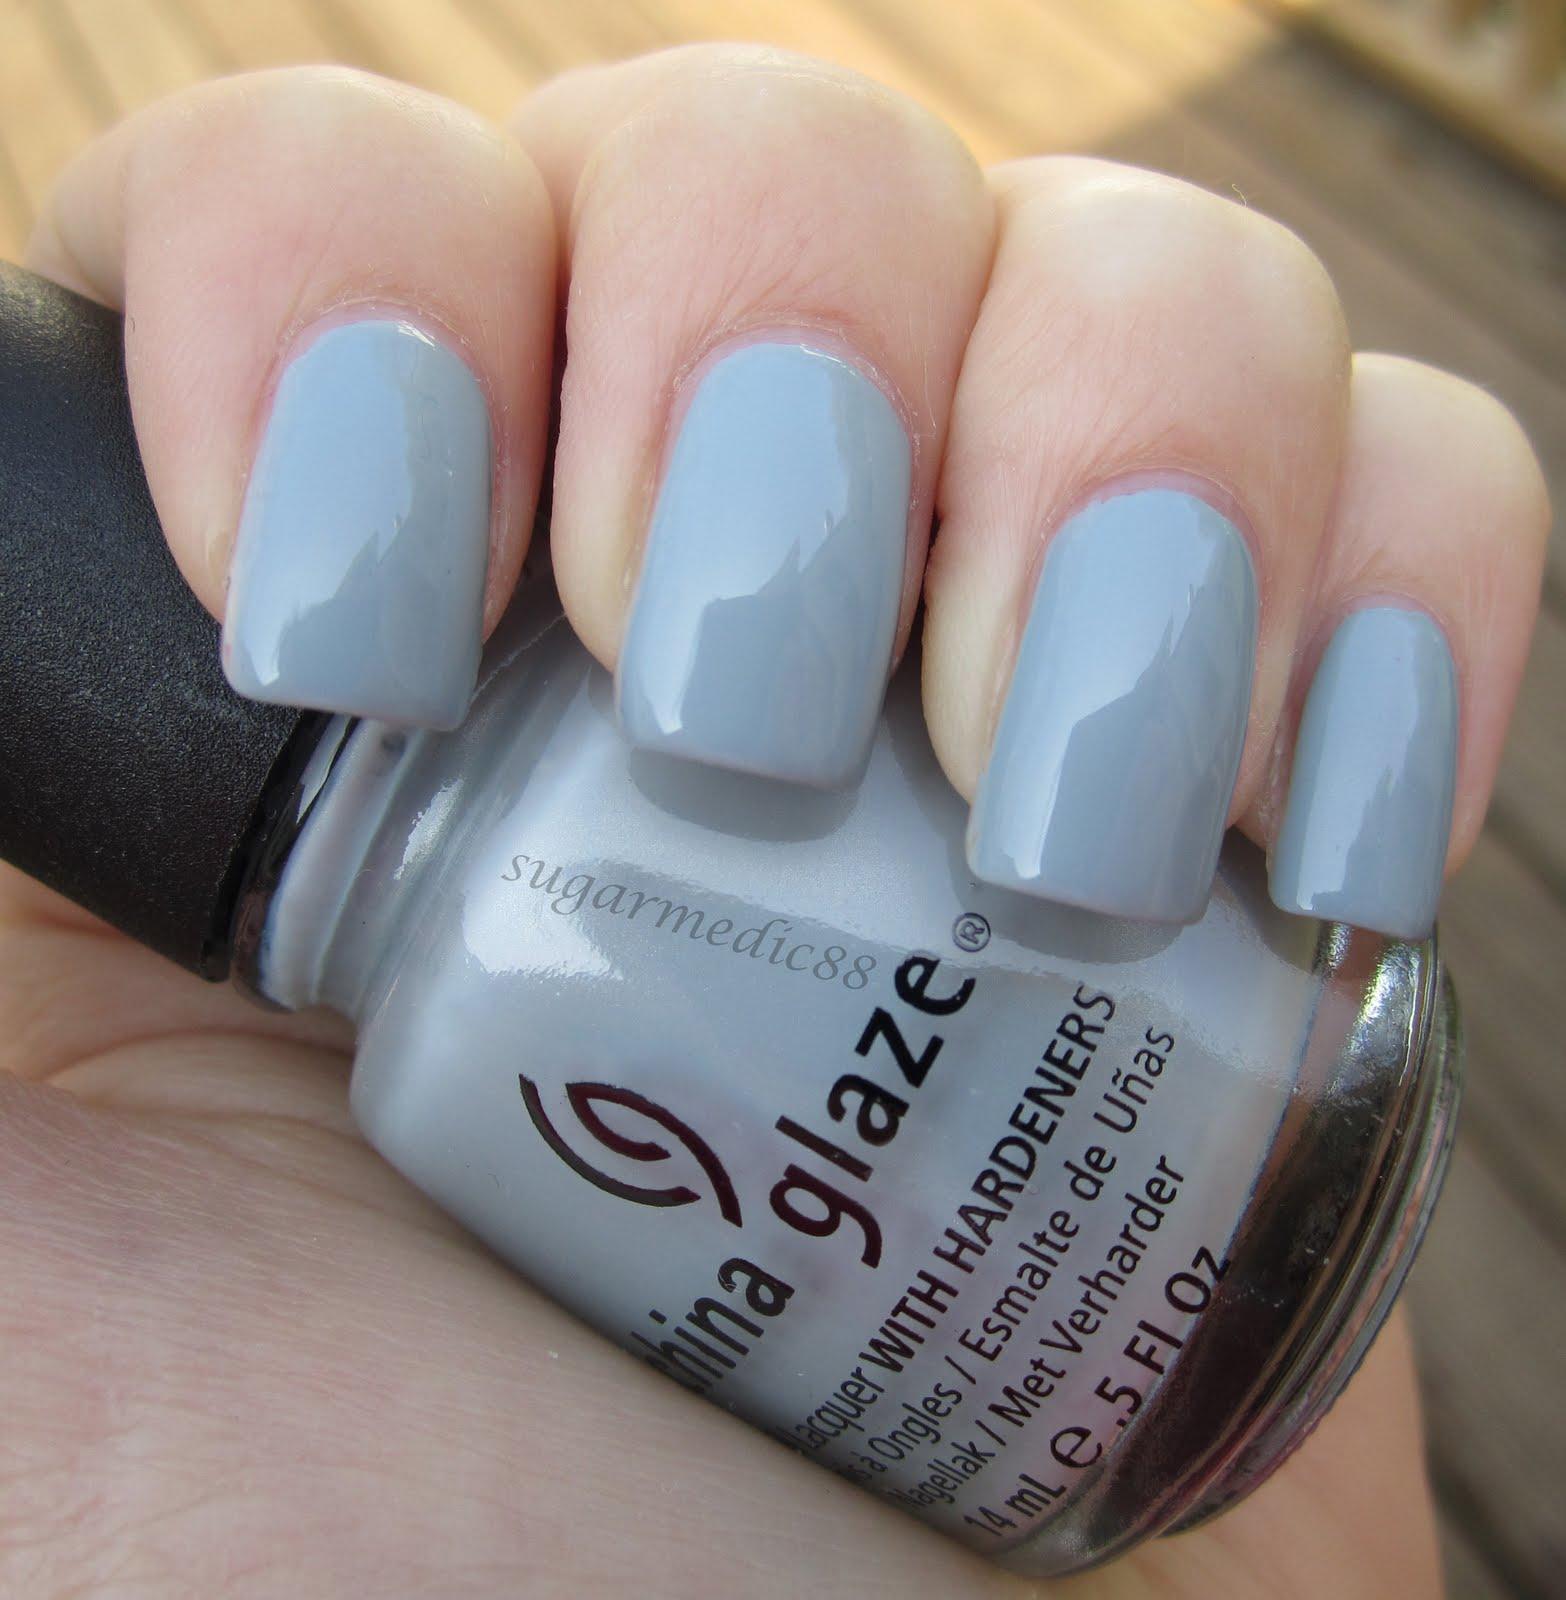 Spray on nail polish china glaze nail spray reviews - China Glaze Sea Spray Swatch